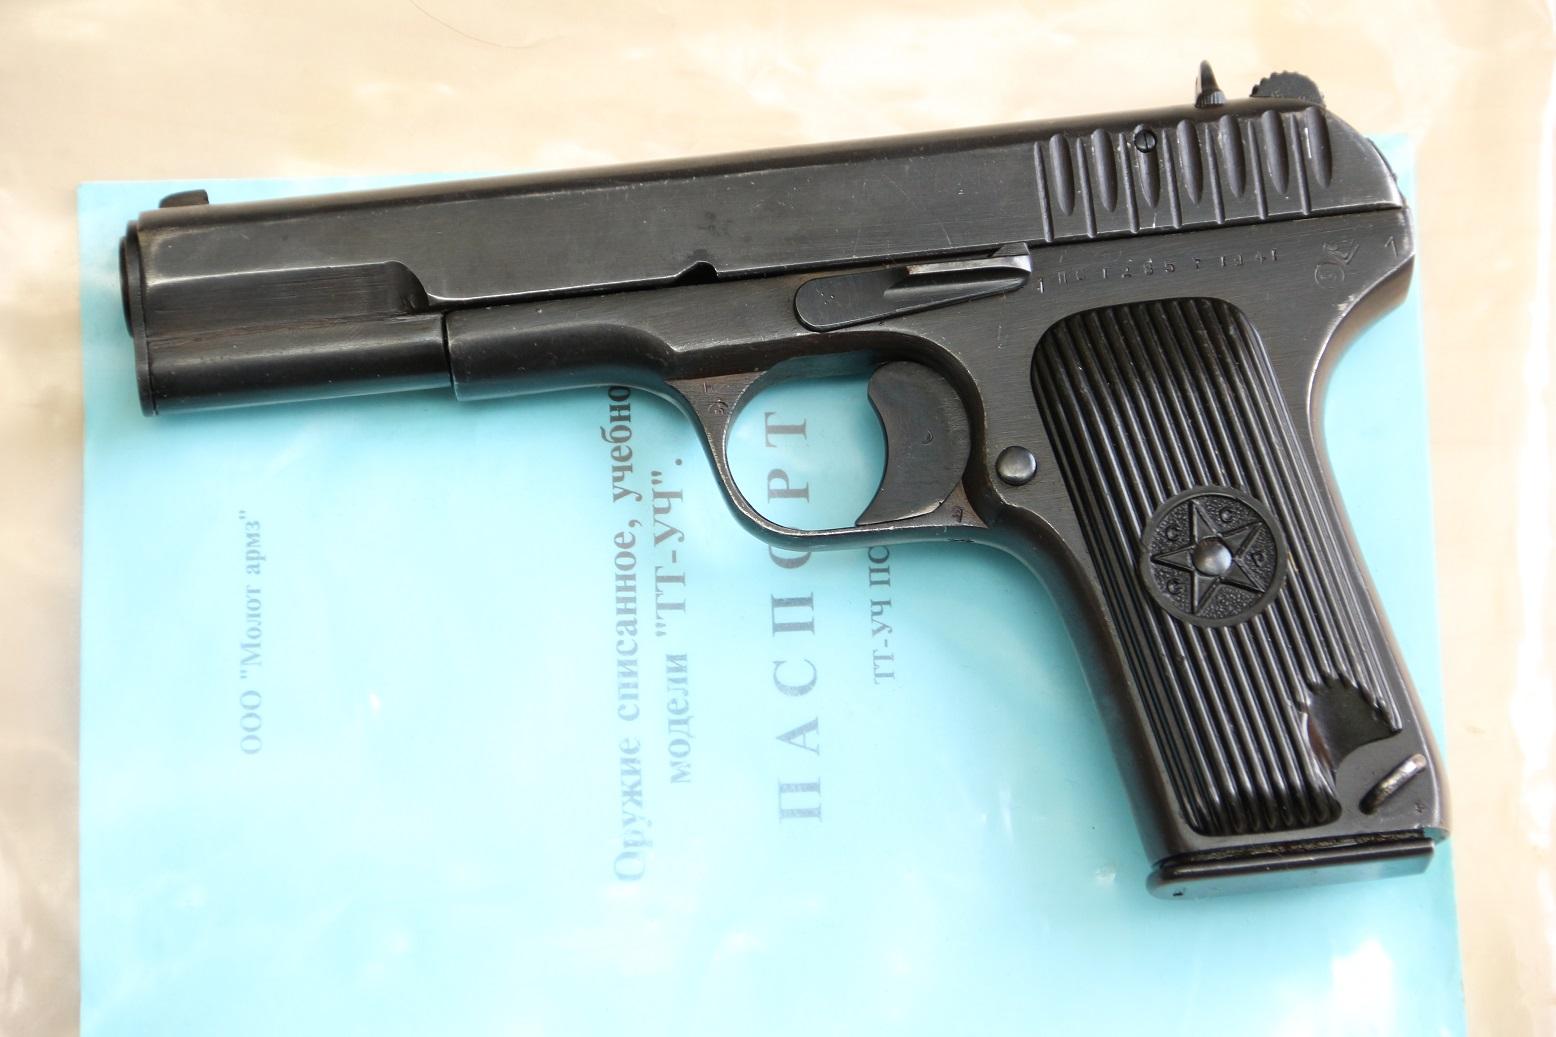 Фото Пистолет ТТ-УЧ Молот Армз, 1941 год, №ПС1285